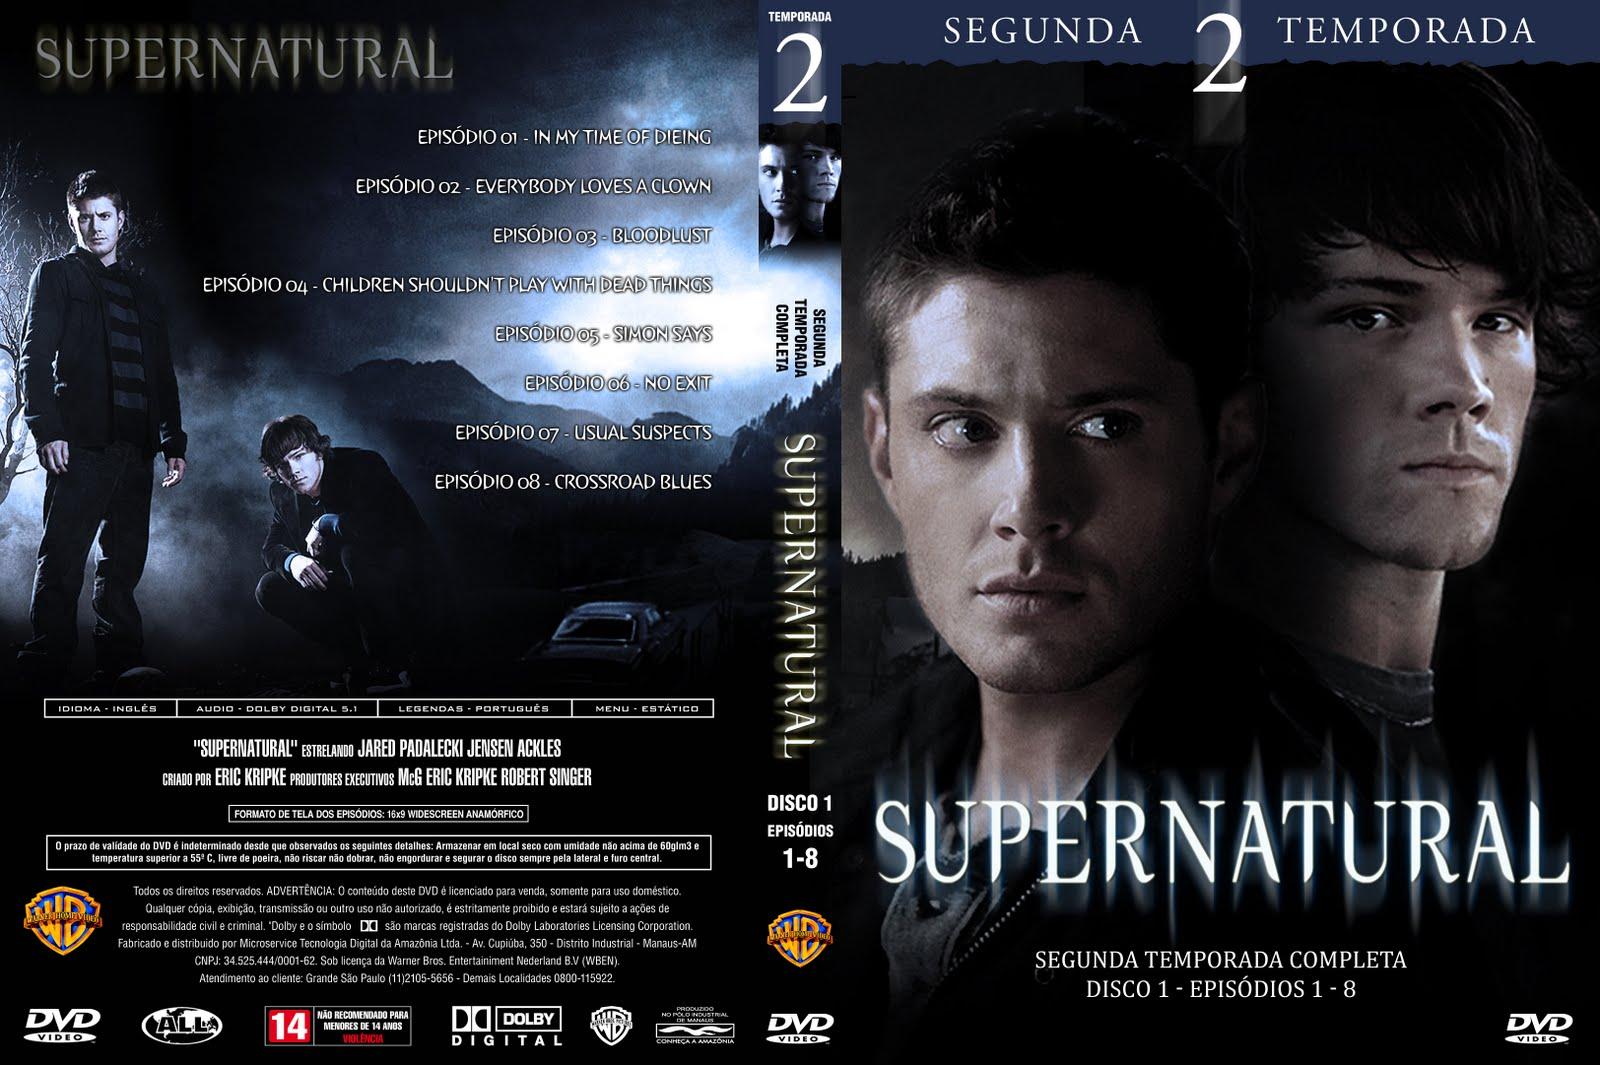 4 temporada de supernatural legendado online dating 8